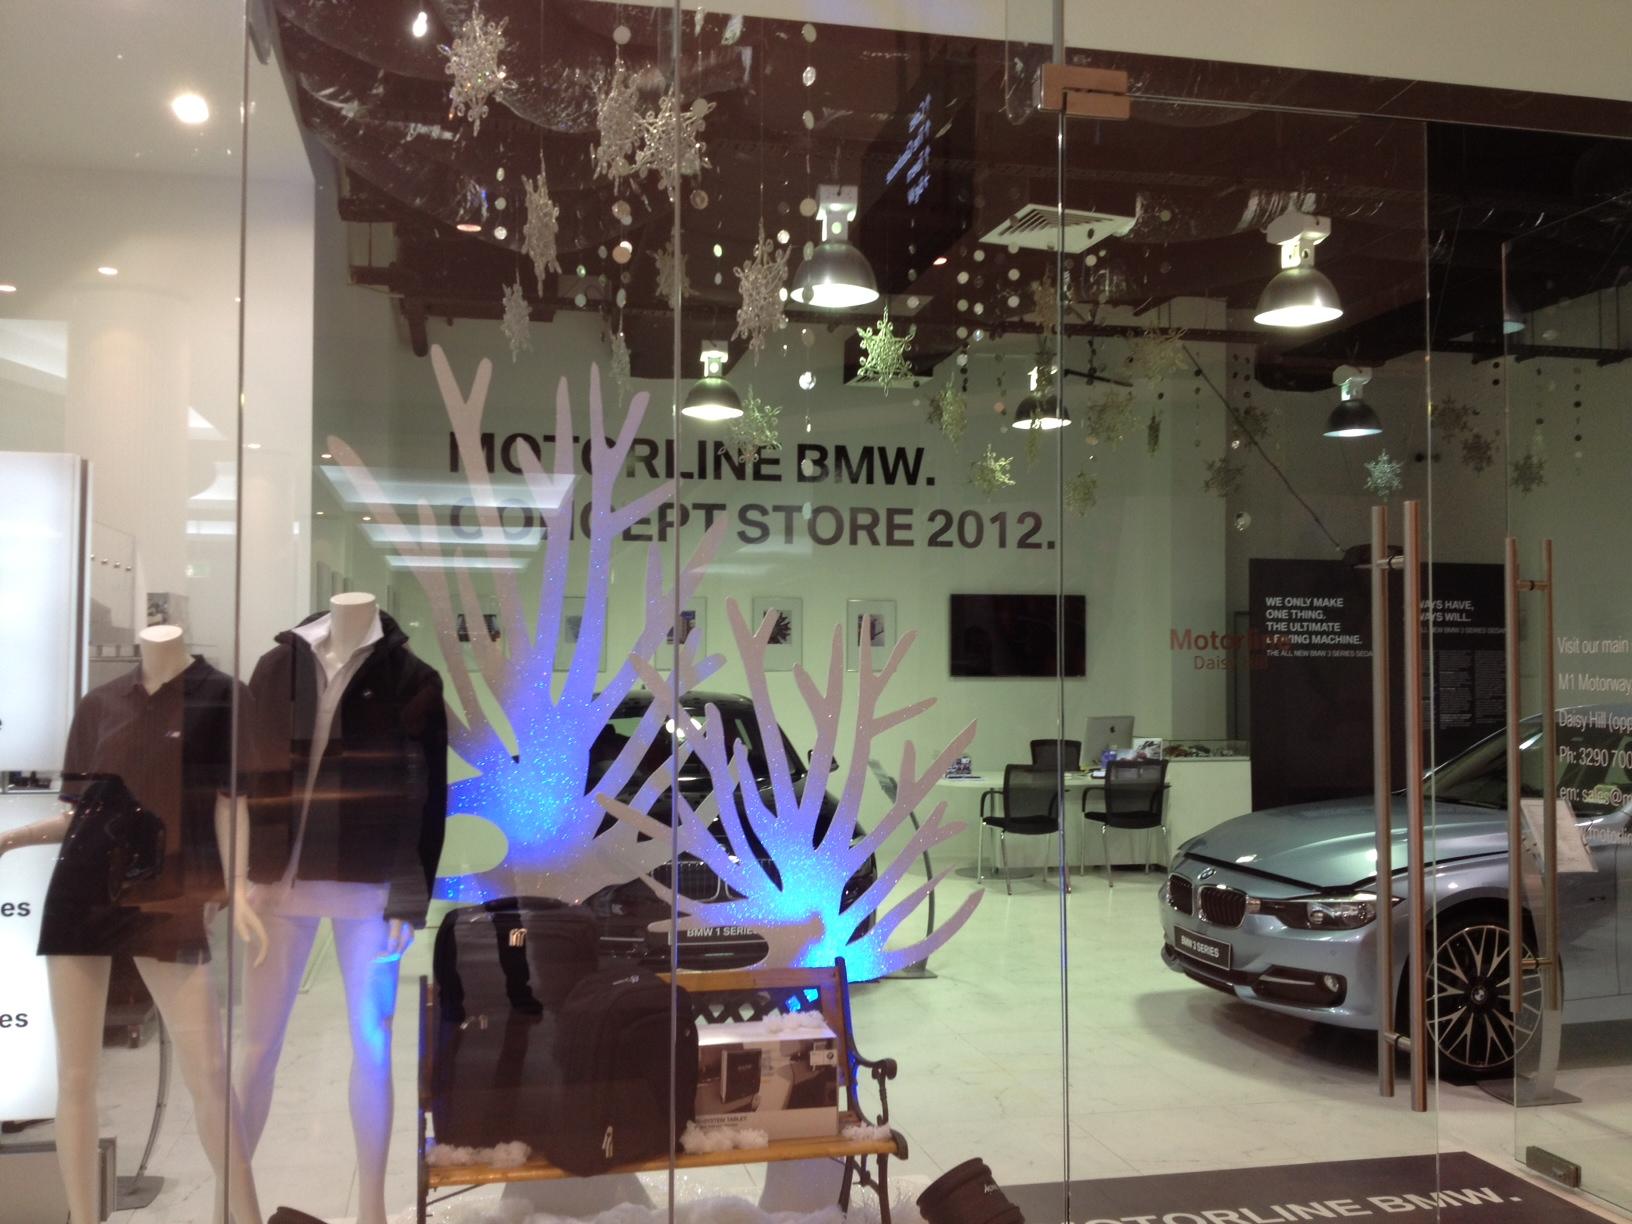 Winter Warmer visual merchandising by VM+ team, Brisbane